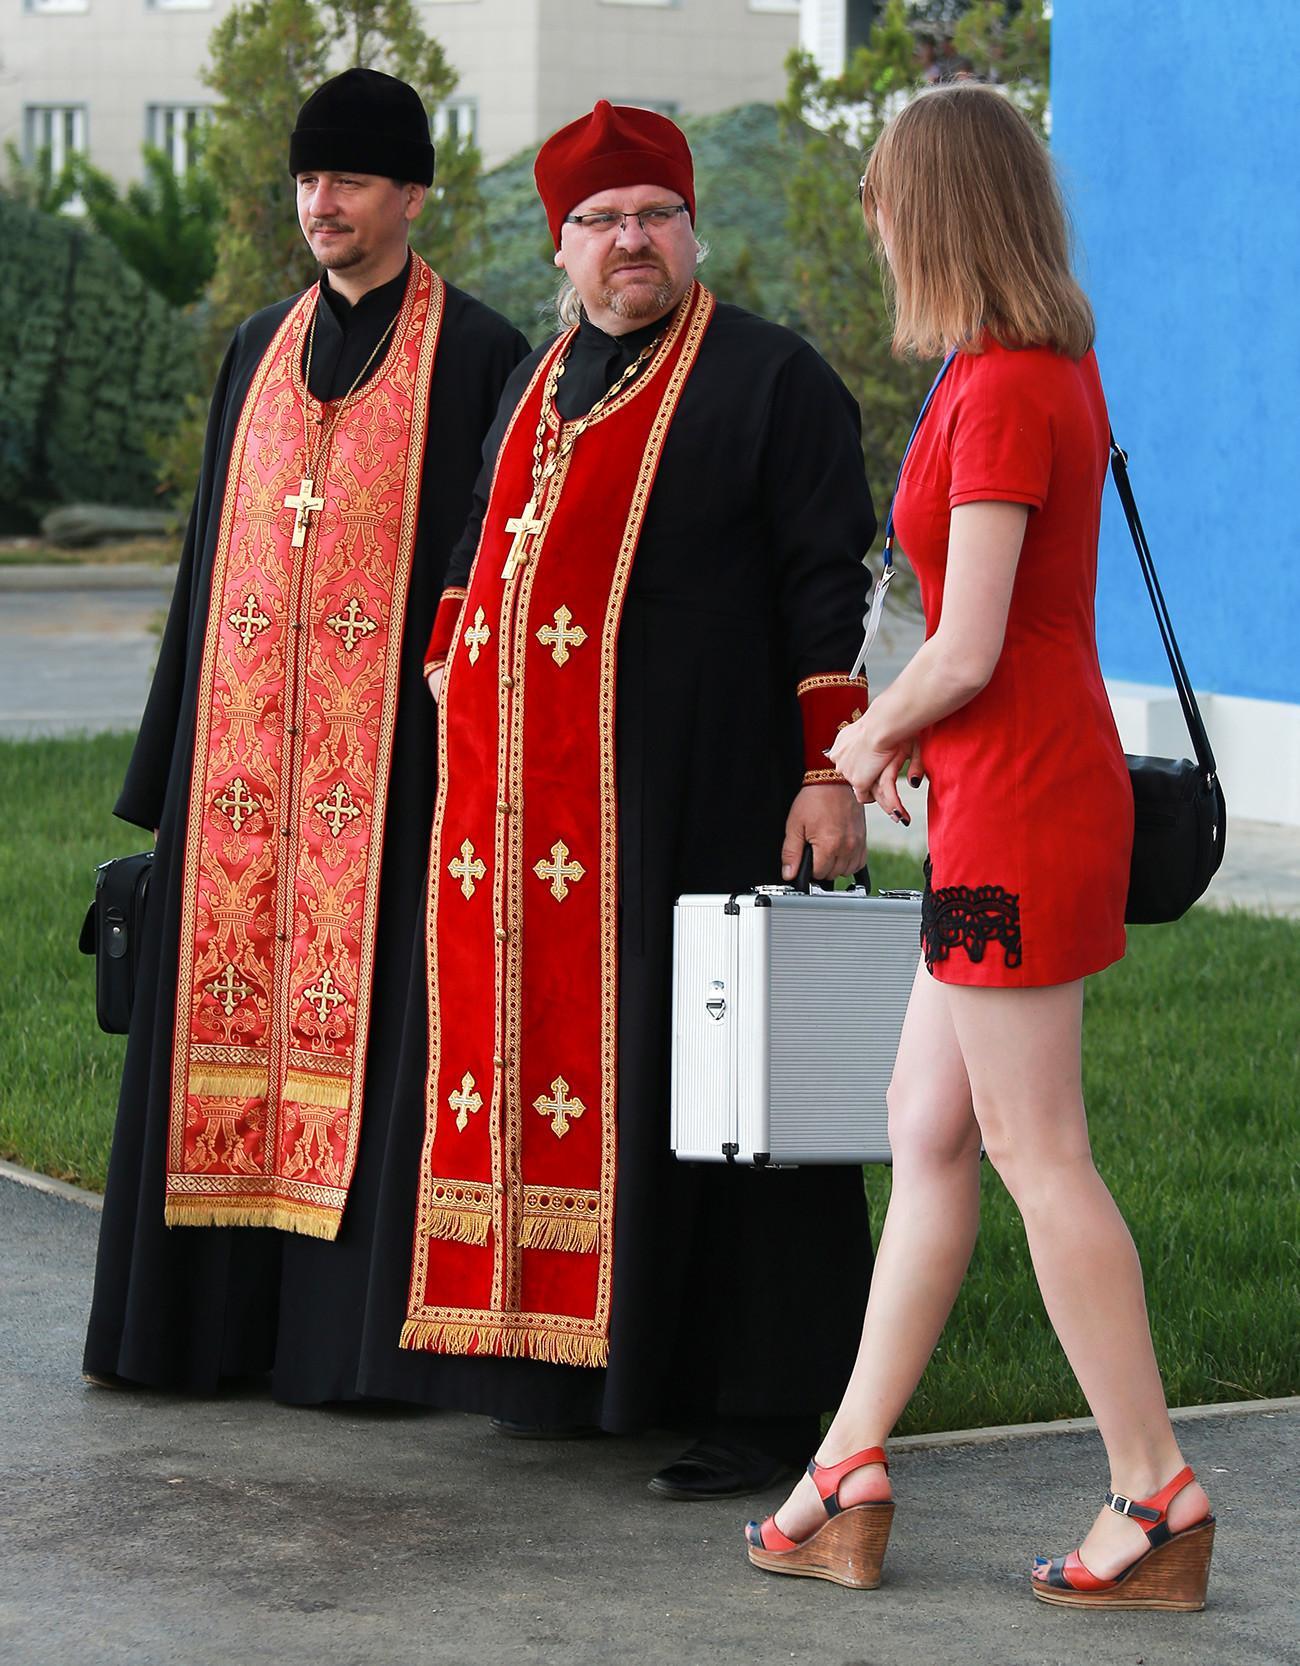 Si una mujeres quiere entrar en una iglesia ortodoxa, debe tener las piernas cubiertas (es mejor encontrar una falda larga) y los hombros.